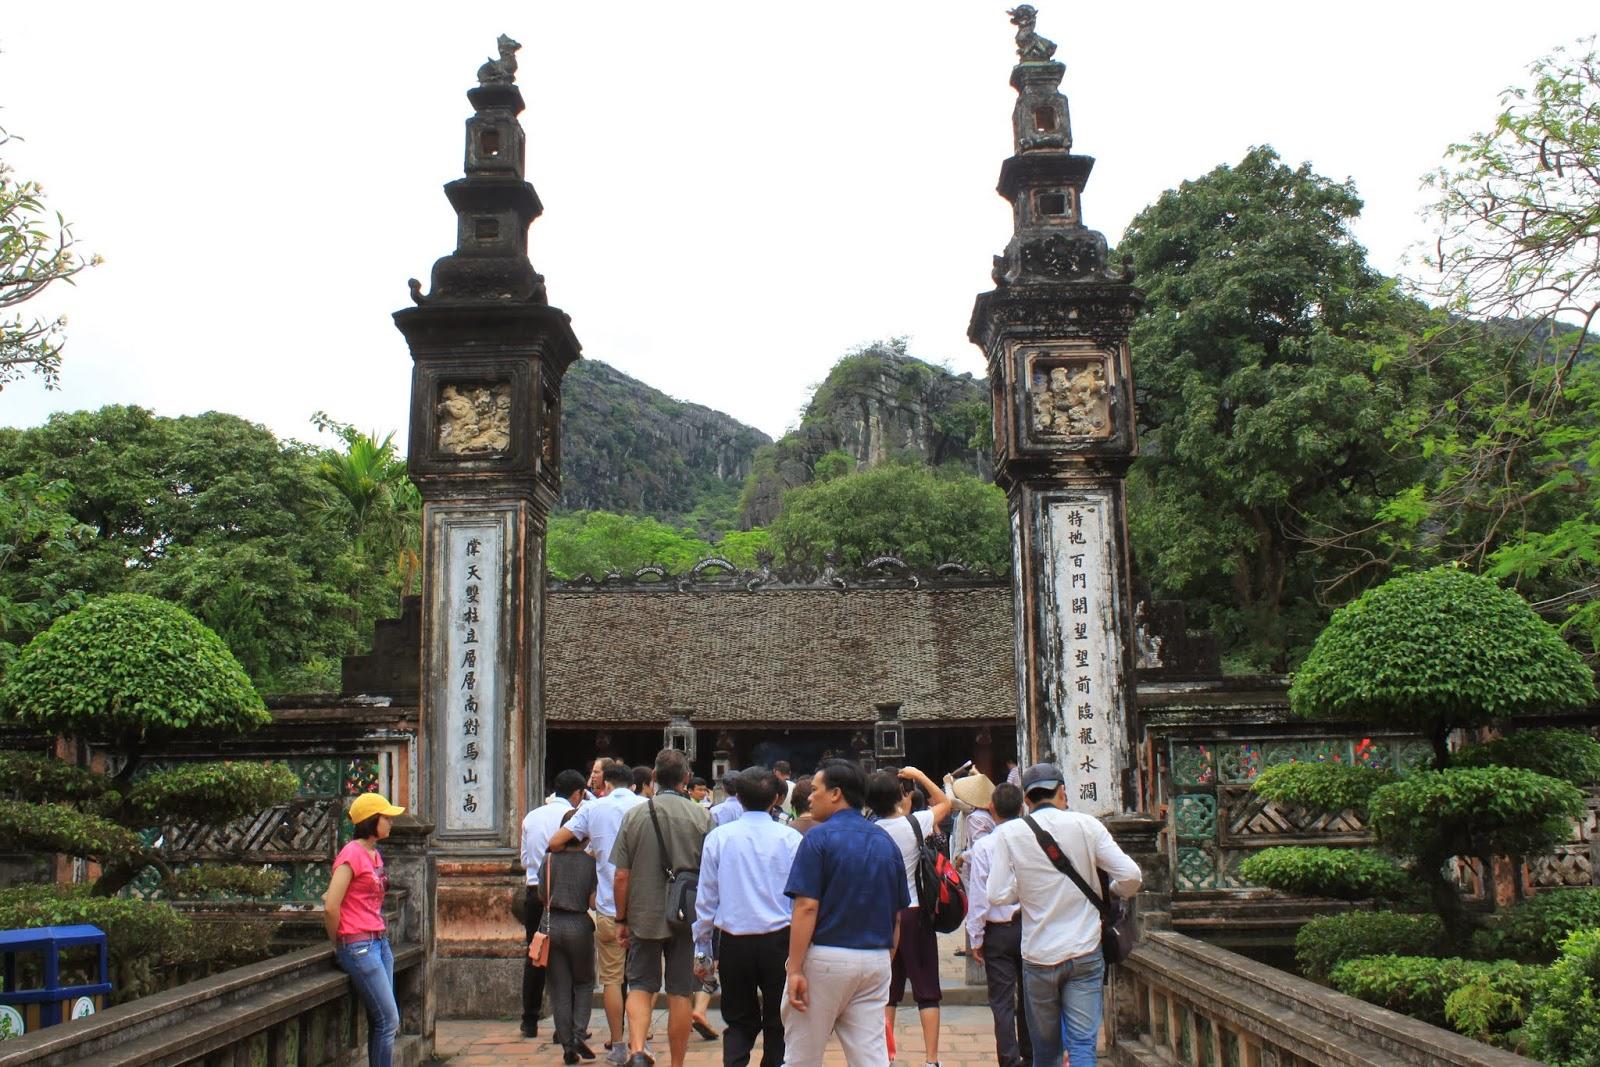 The main entrance of Đinh Tiên Hoàng at Hoa Lu capital in Vietnam